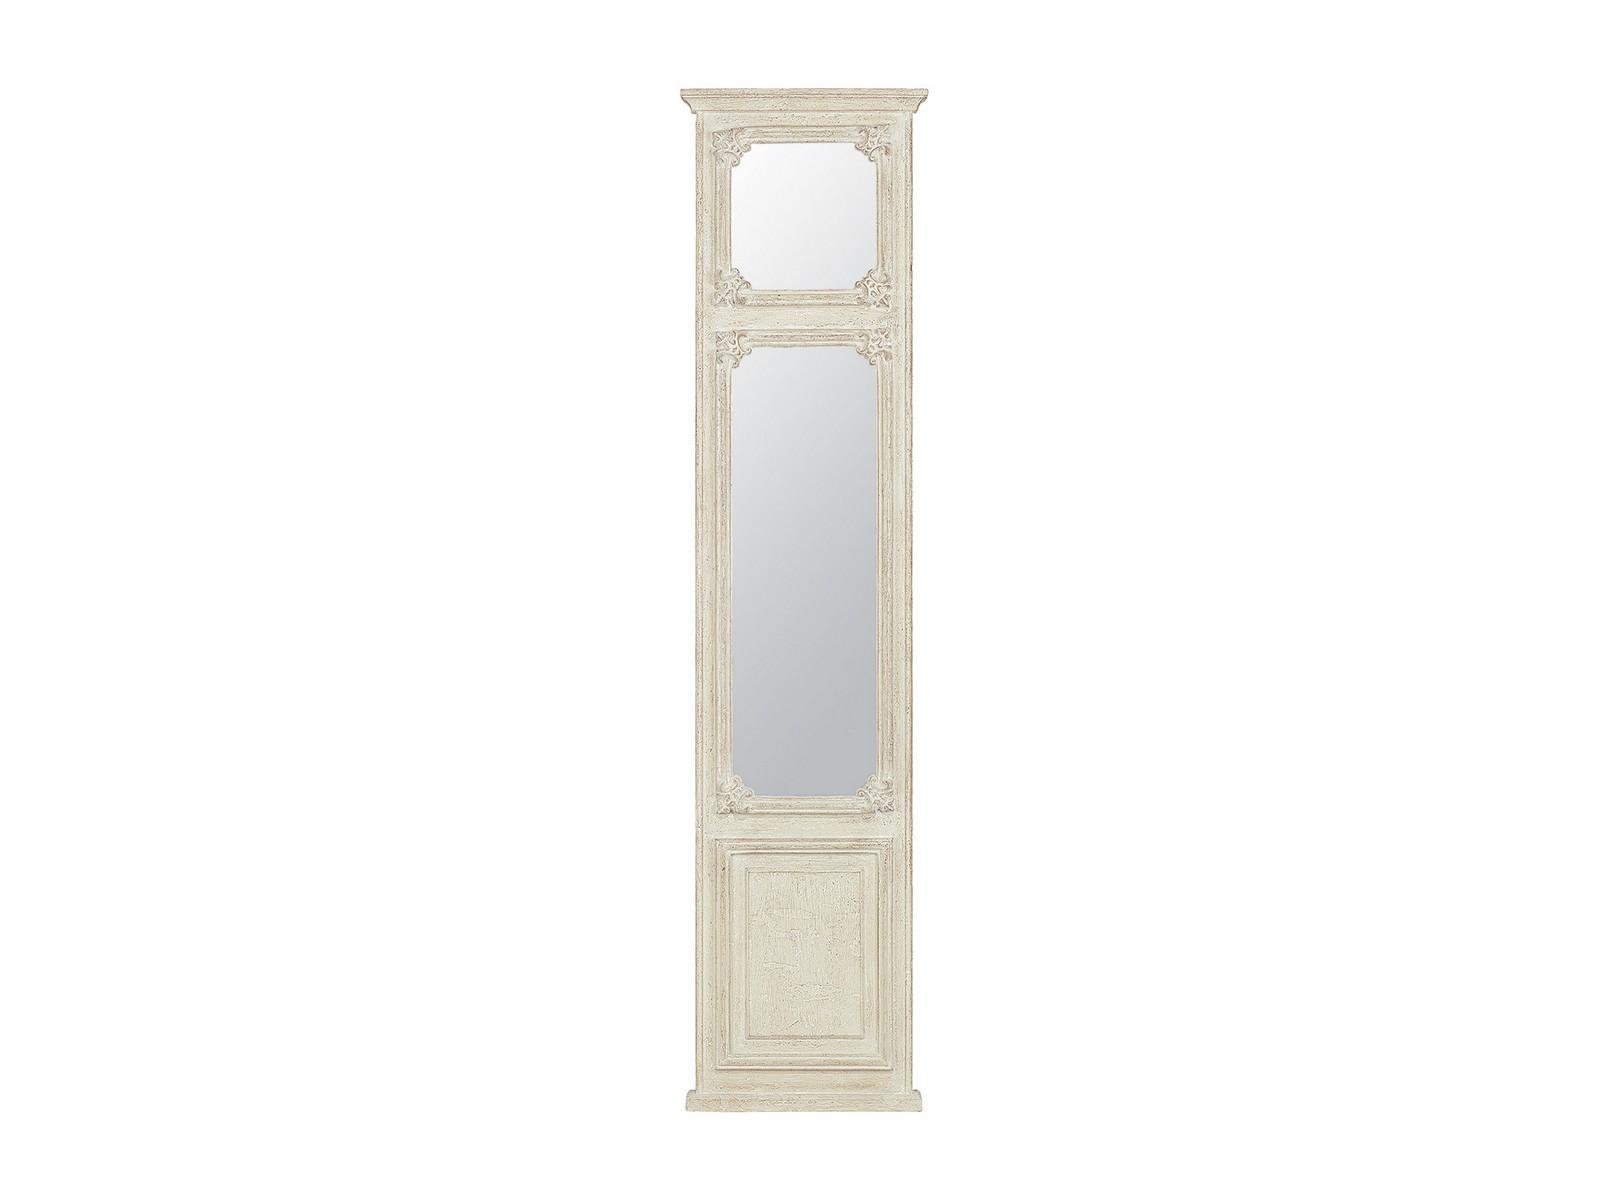 Настенное зеркало Wood CraftНастенные зеркала<br><br><br>Material: Дерево<br>Width см: 50<br>Depth см: 5,5<br>Height см: 200